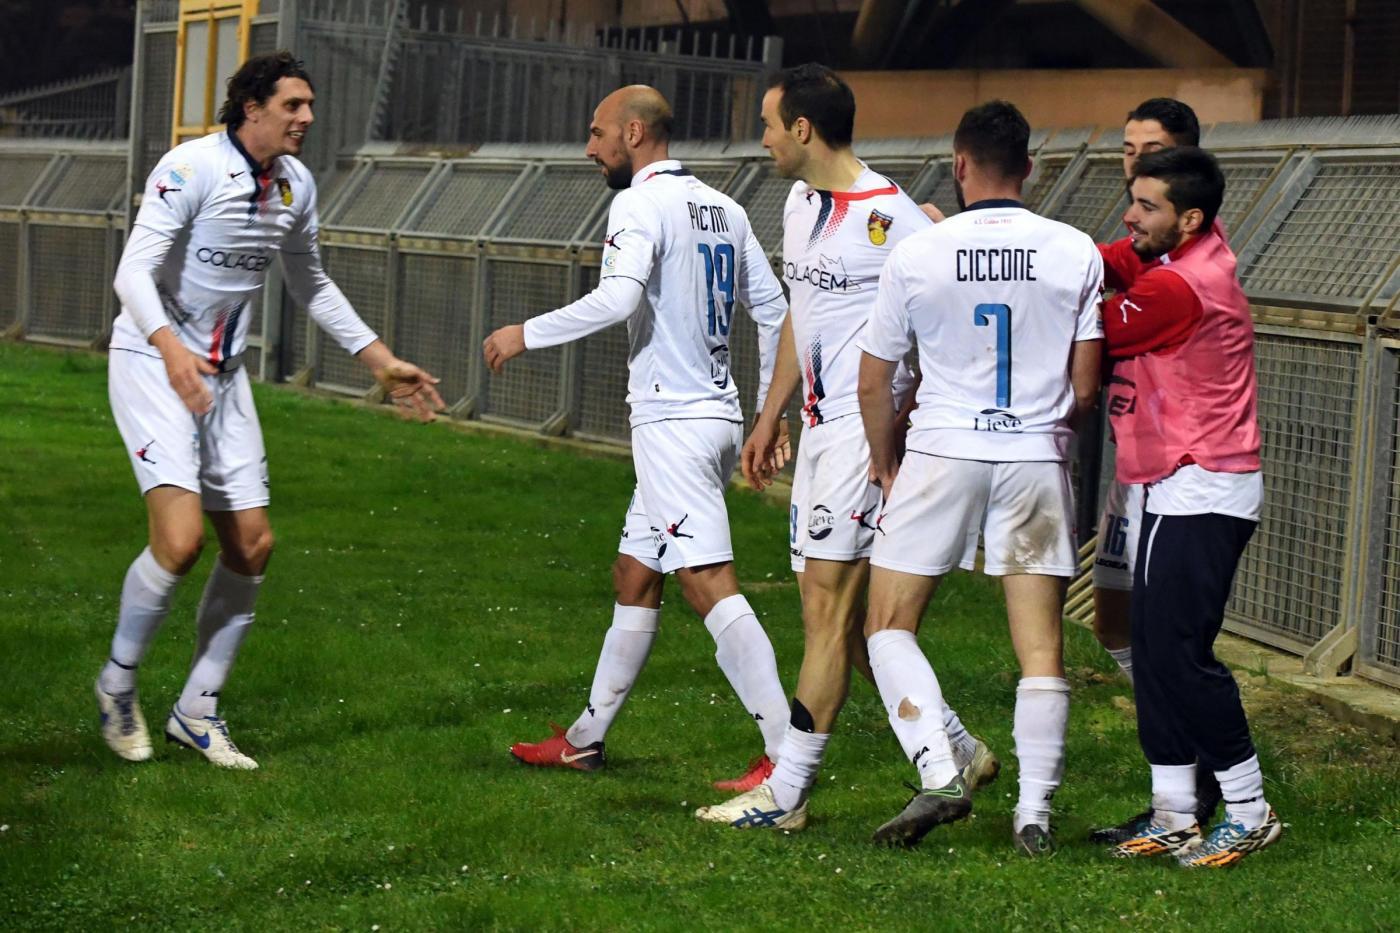 Serie C, Gubbio-AlbinoLeffe 26 settembre: analisi e pronostico della giornata della terza divisione calcistica italiana